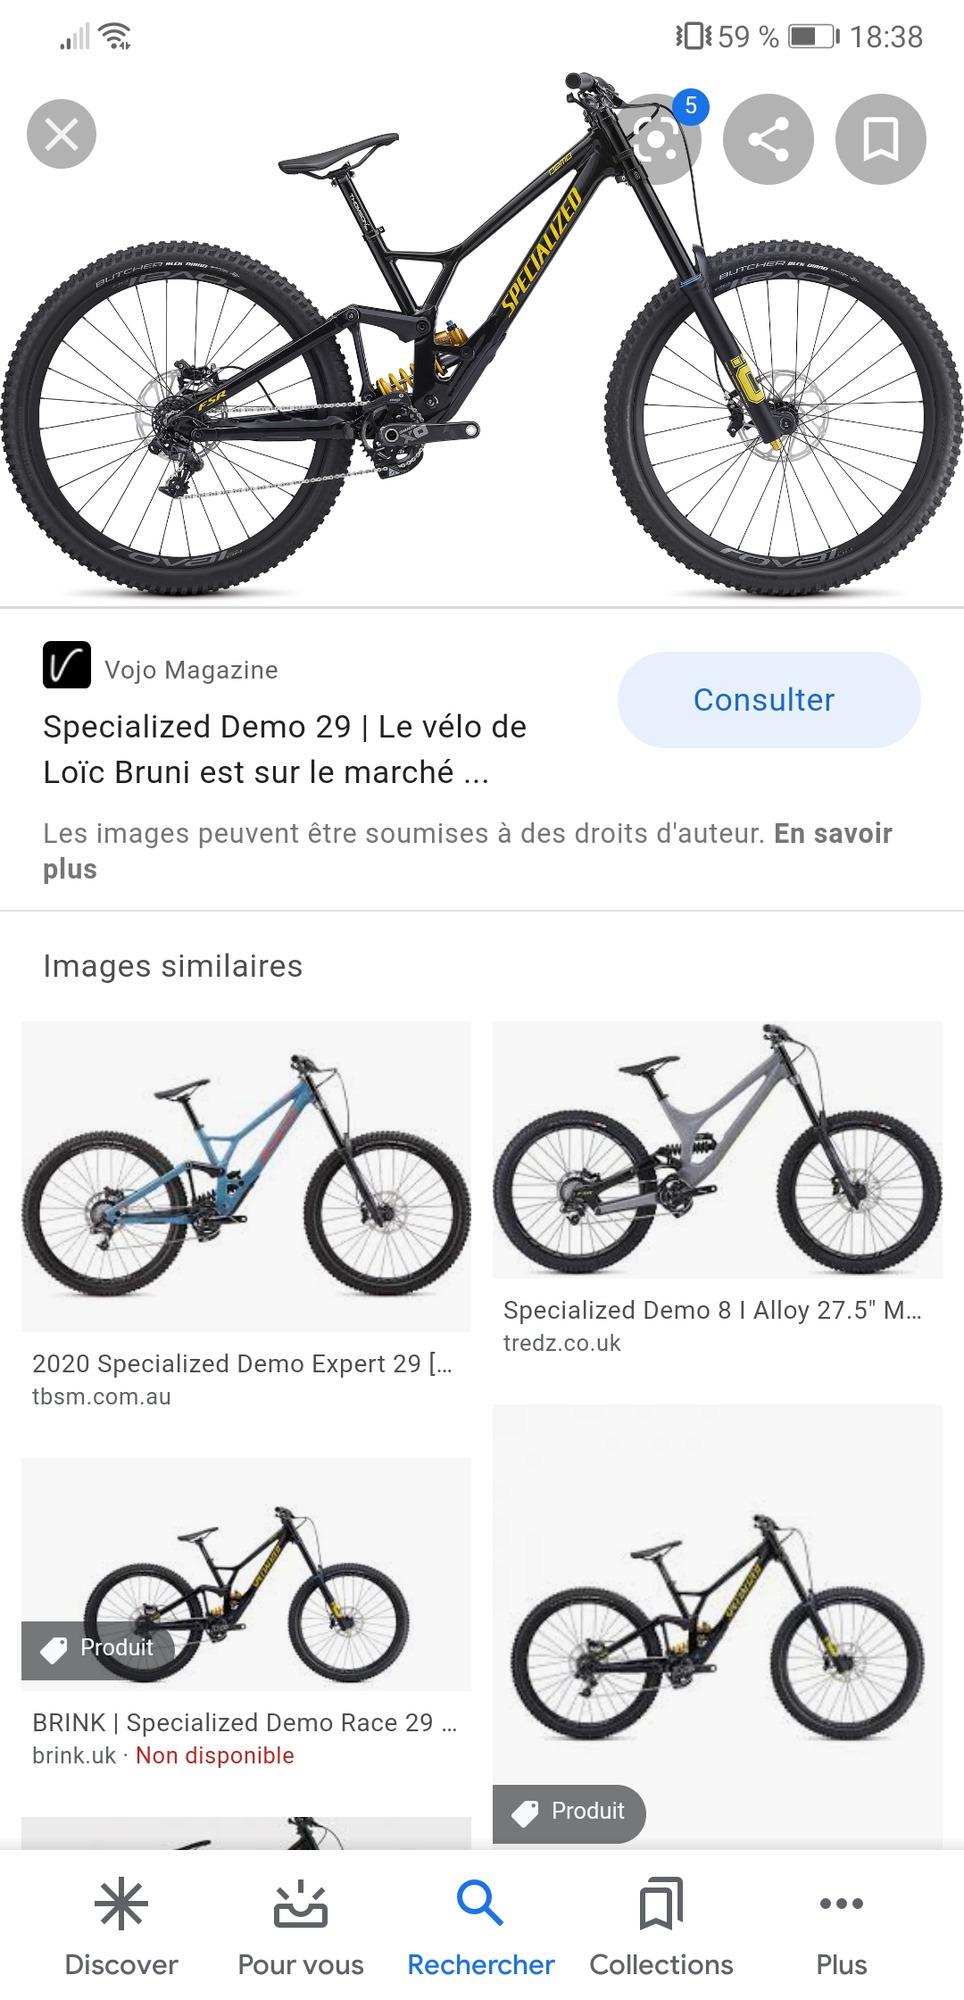 Specialized Démo 29